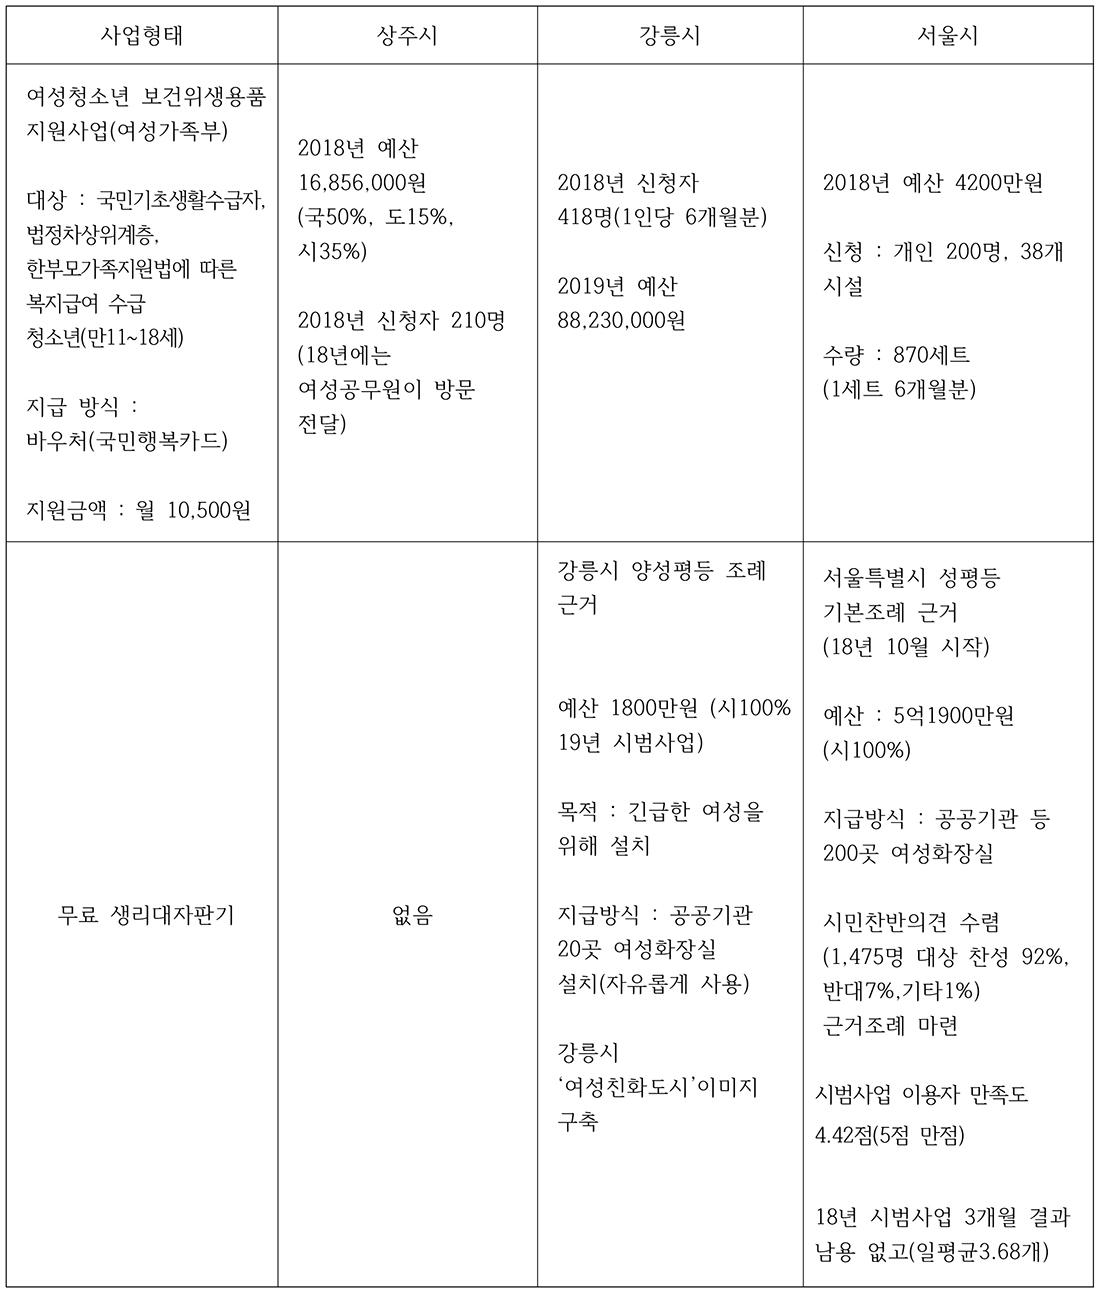 생리대 정책.jpg